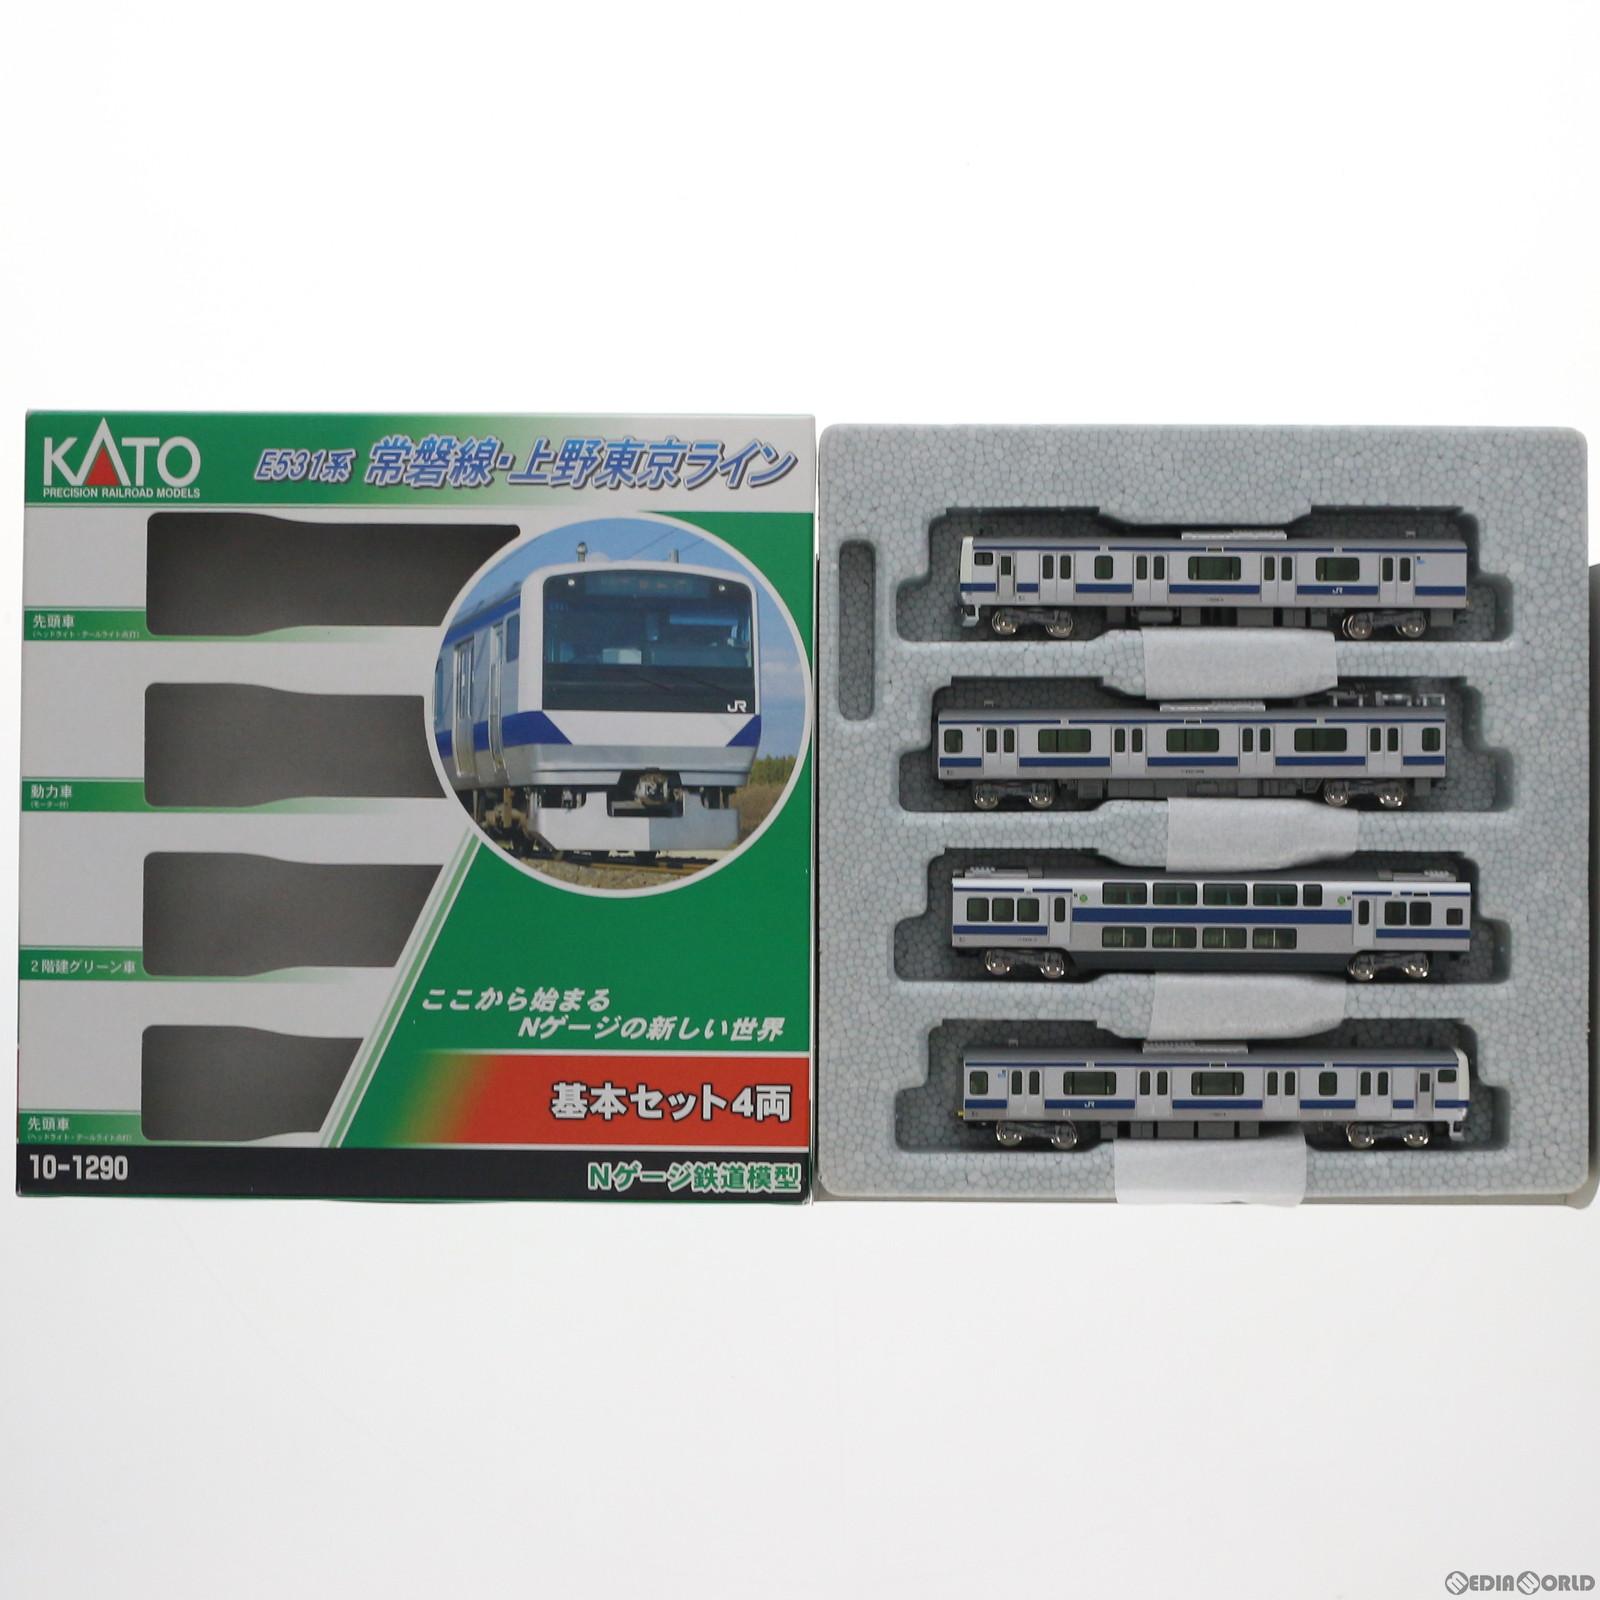 品質のいい 【新品】【O倉庫】[RWM](再販)10-1290 Nゲージ E531系 鉄道模型 常磐線・上野東京ライン 4両基本セット Nゲージ 鉄道模型 KATO(カトー)(20170716), サセボシ:de4a3a5c --- canoncity.azurewebsites.net